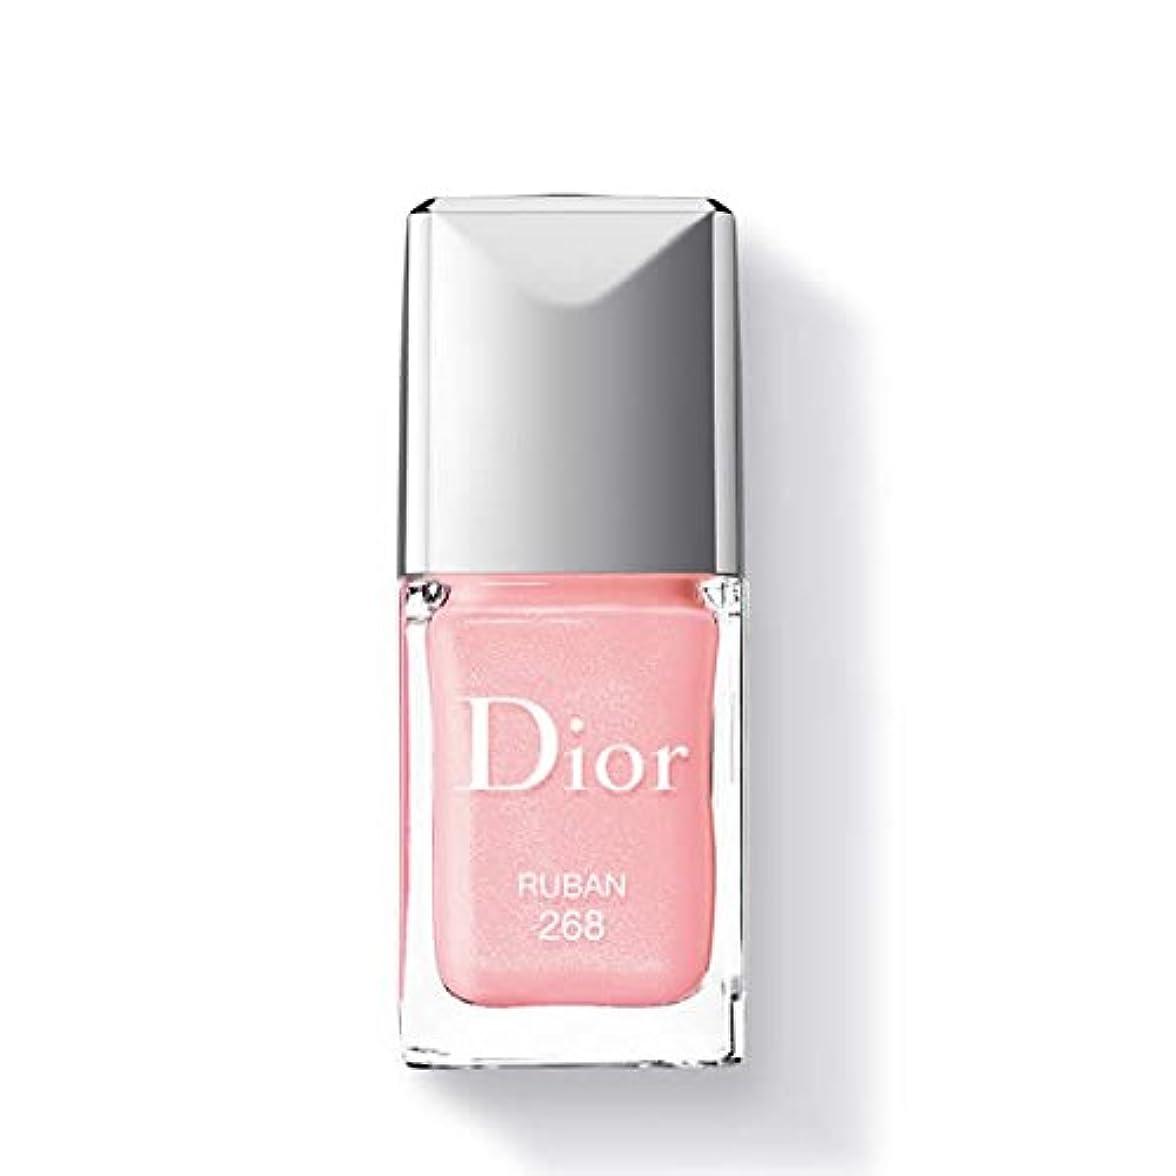 阻害するクリープ垂直Dior ディオールヴェルニ #268 リュバン 10ml [208215] [並行輸入品]